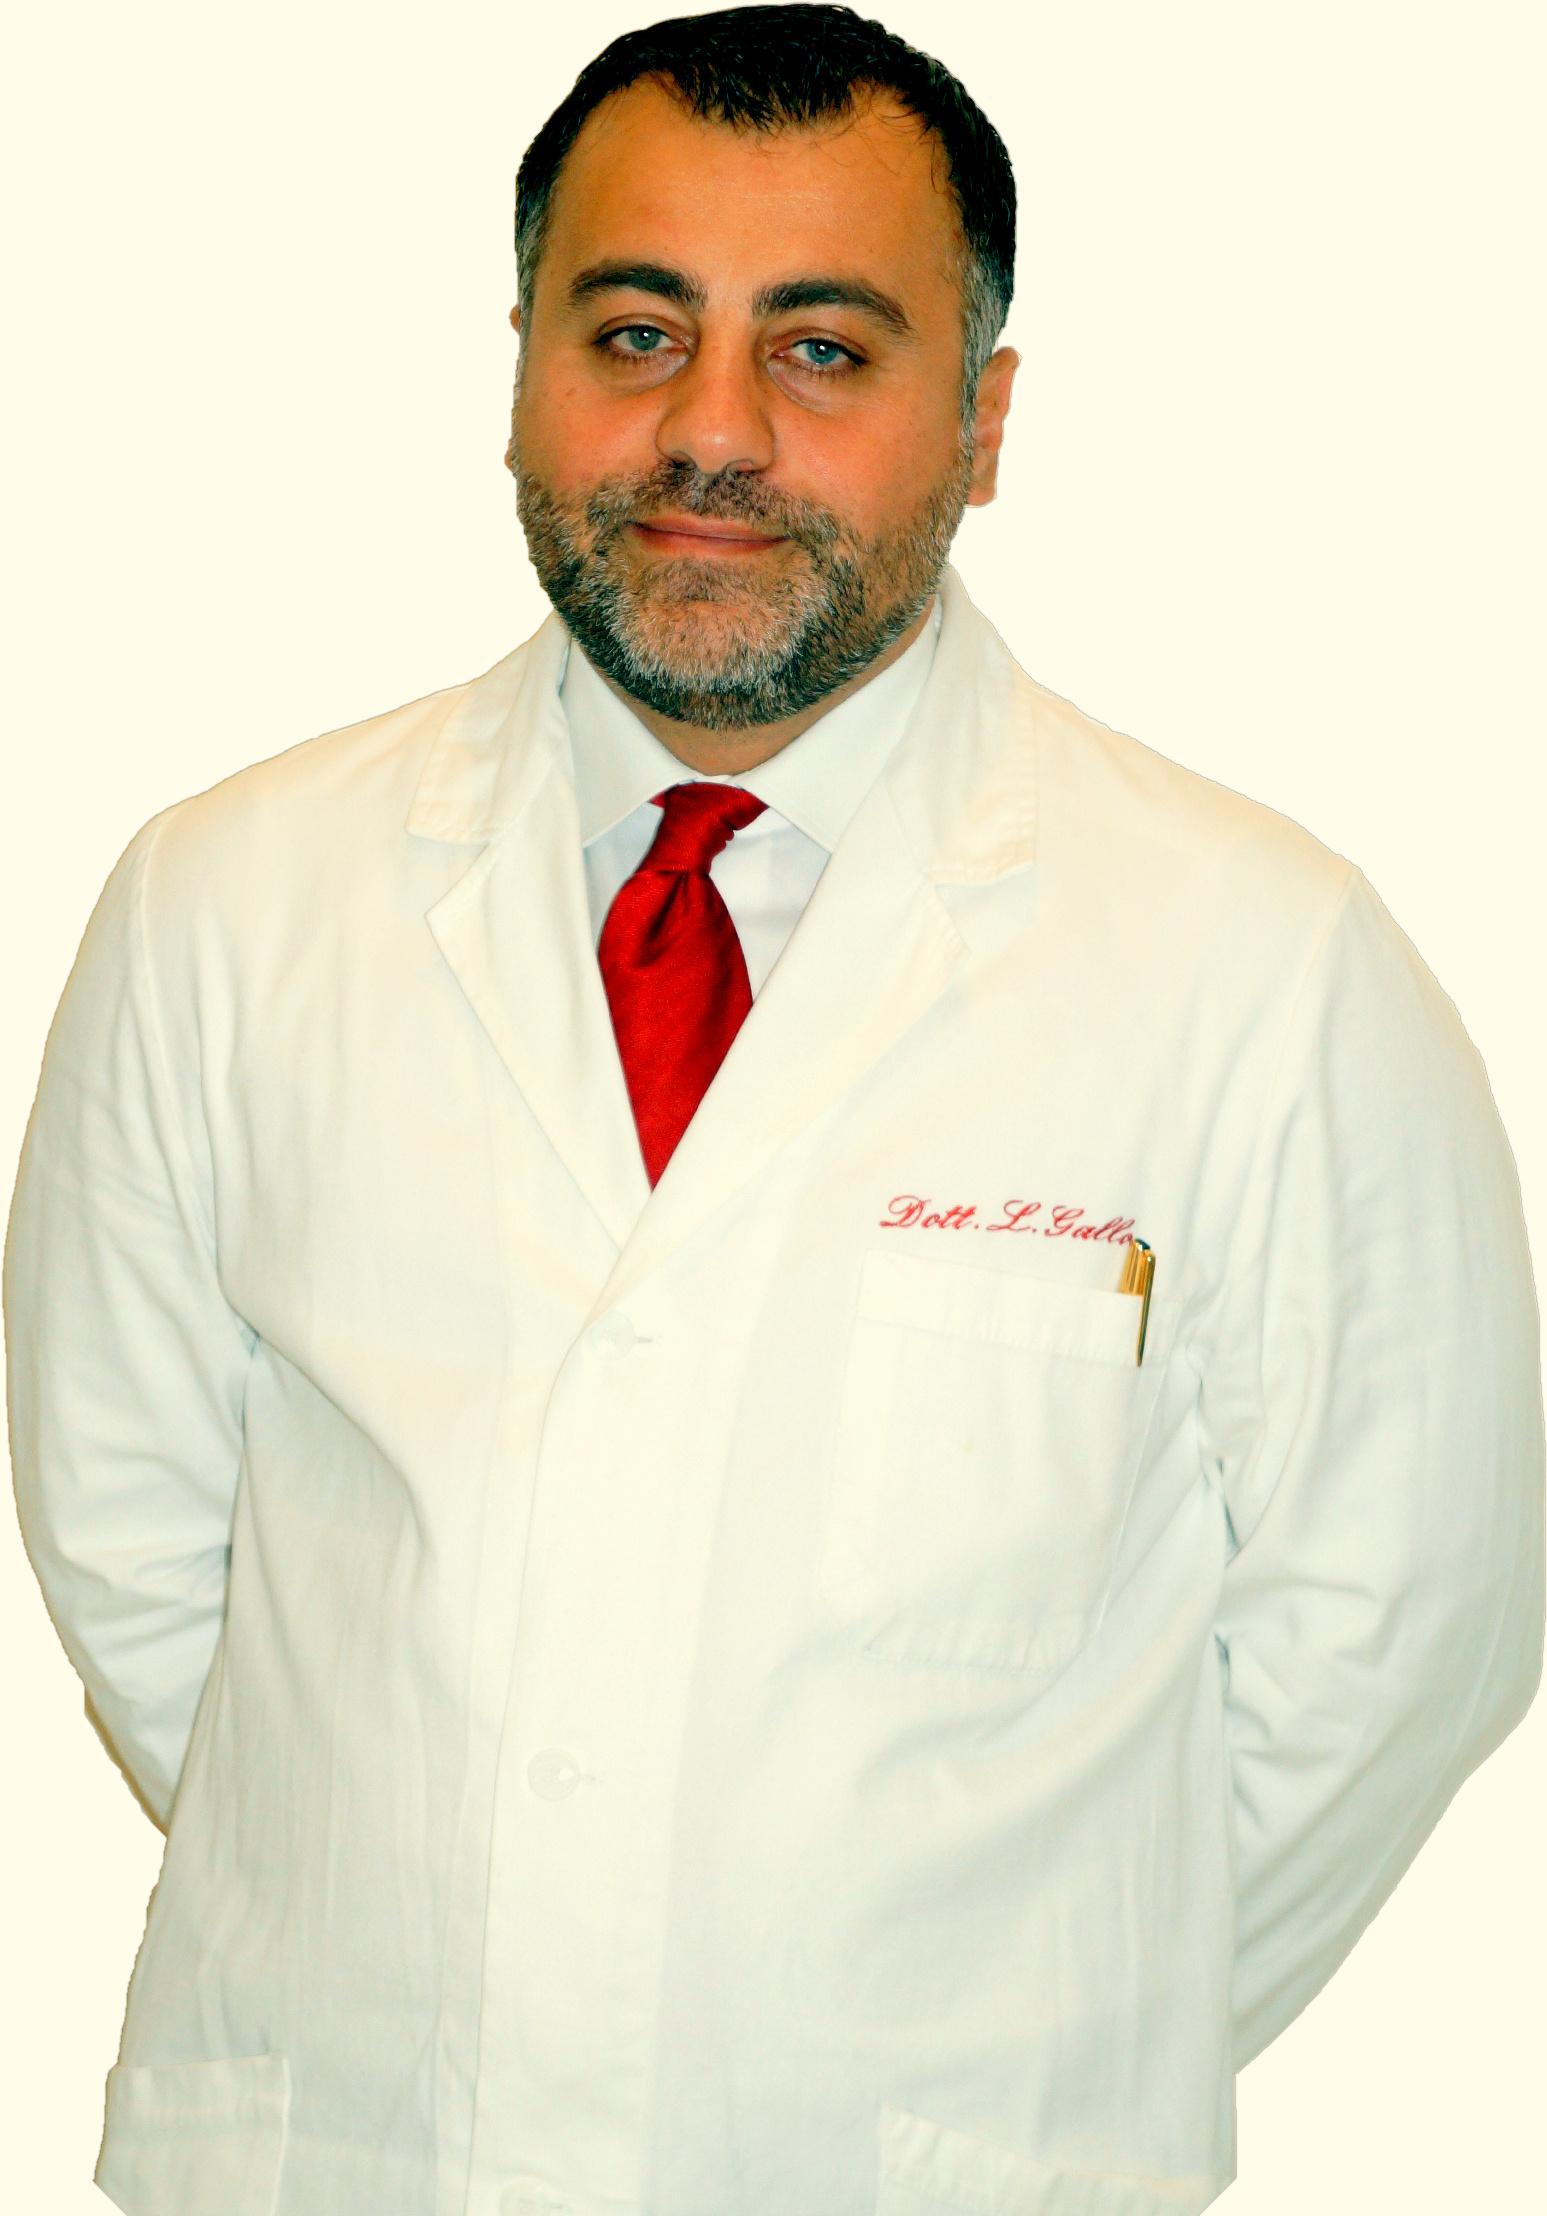 Urologo a Napoli